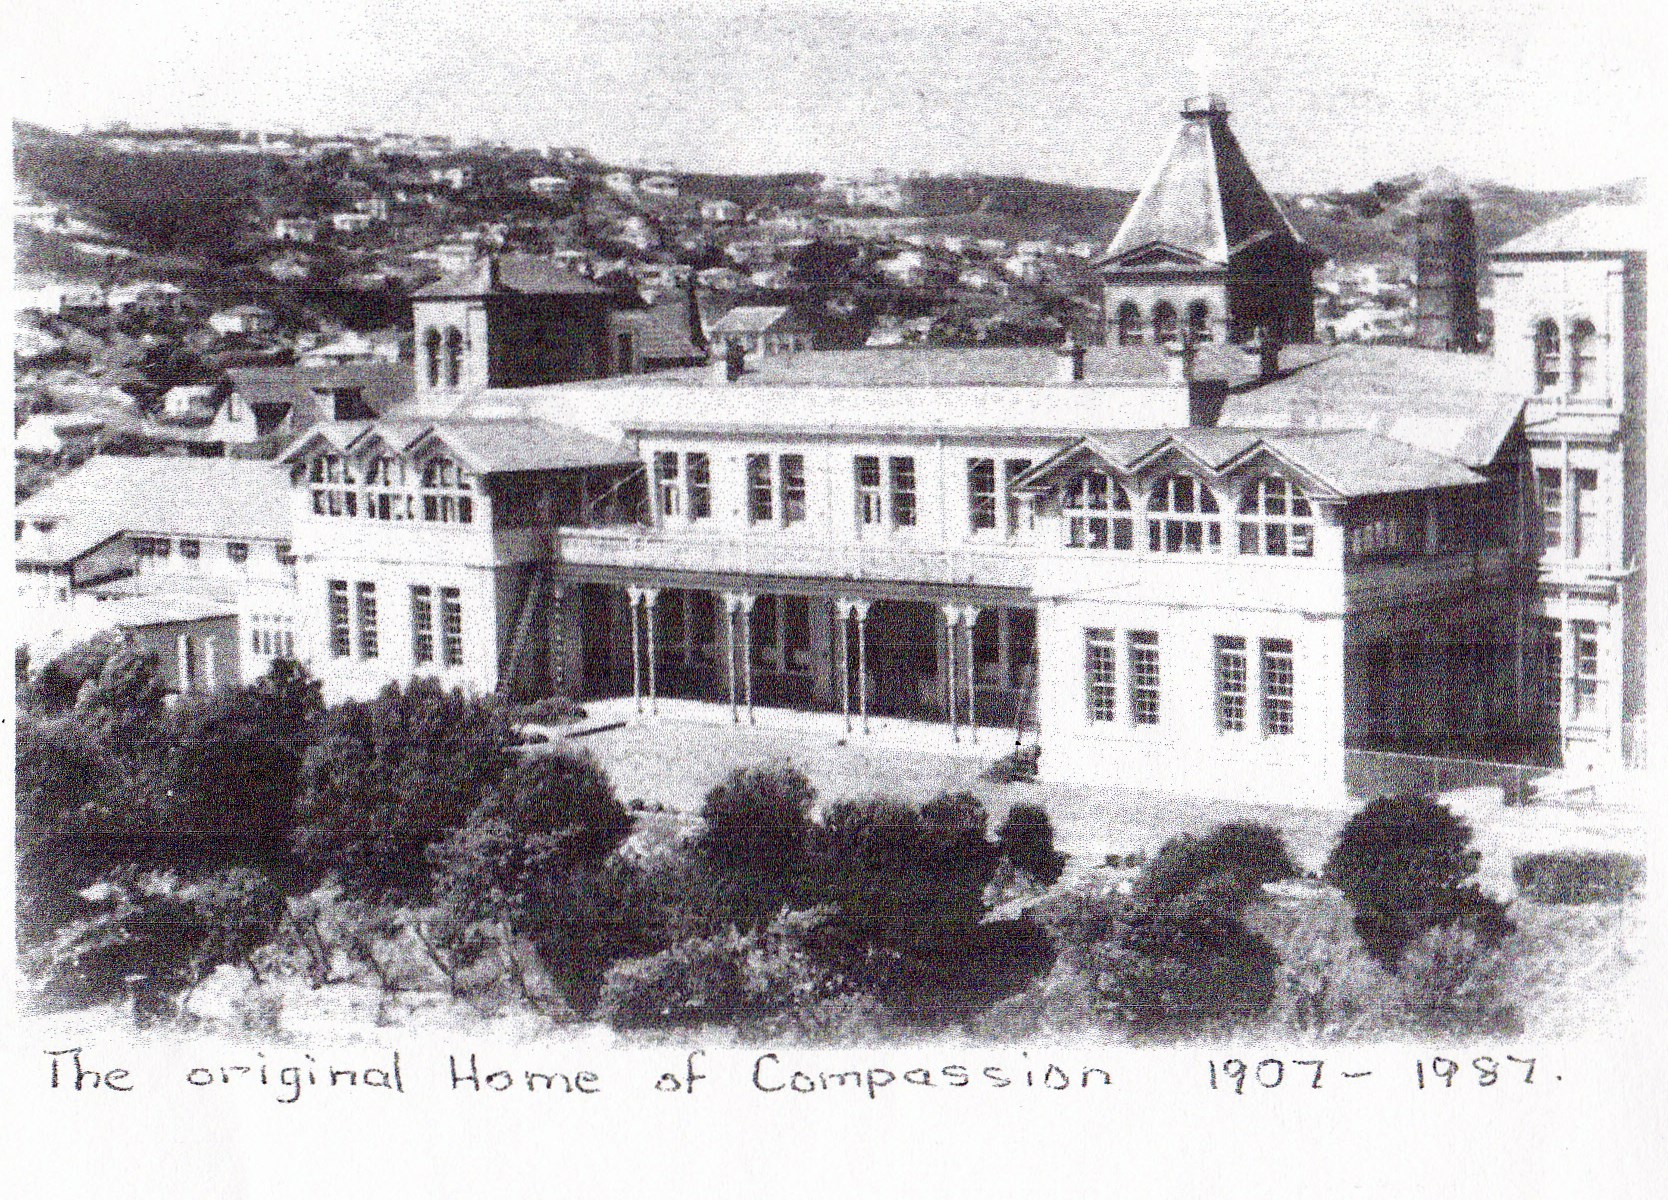 Original Home of Compassion